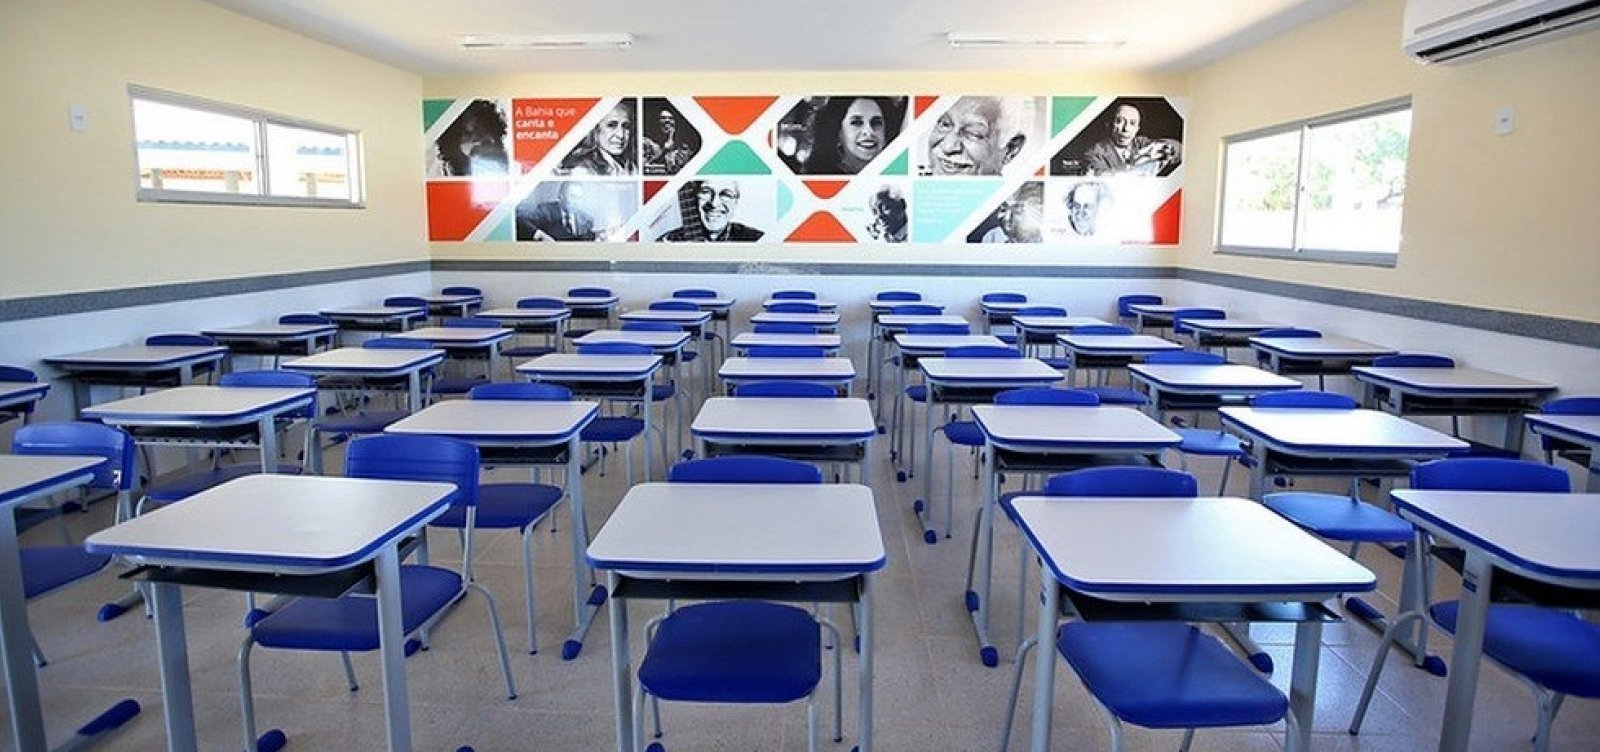 Governo da Bahia prorroga decreto que proíbe shows e aulas até 21 de fevereiro